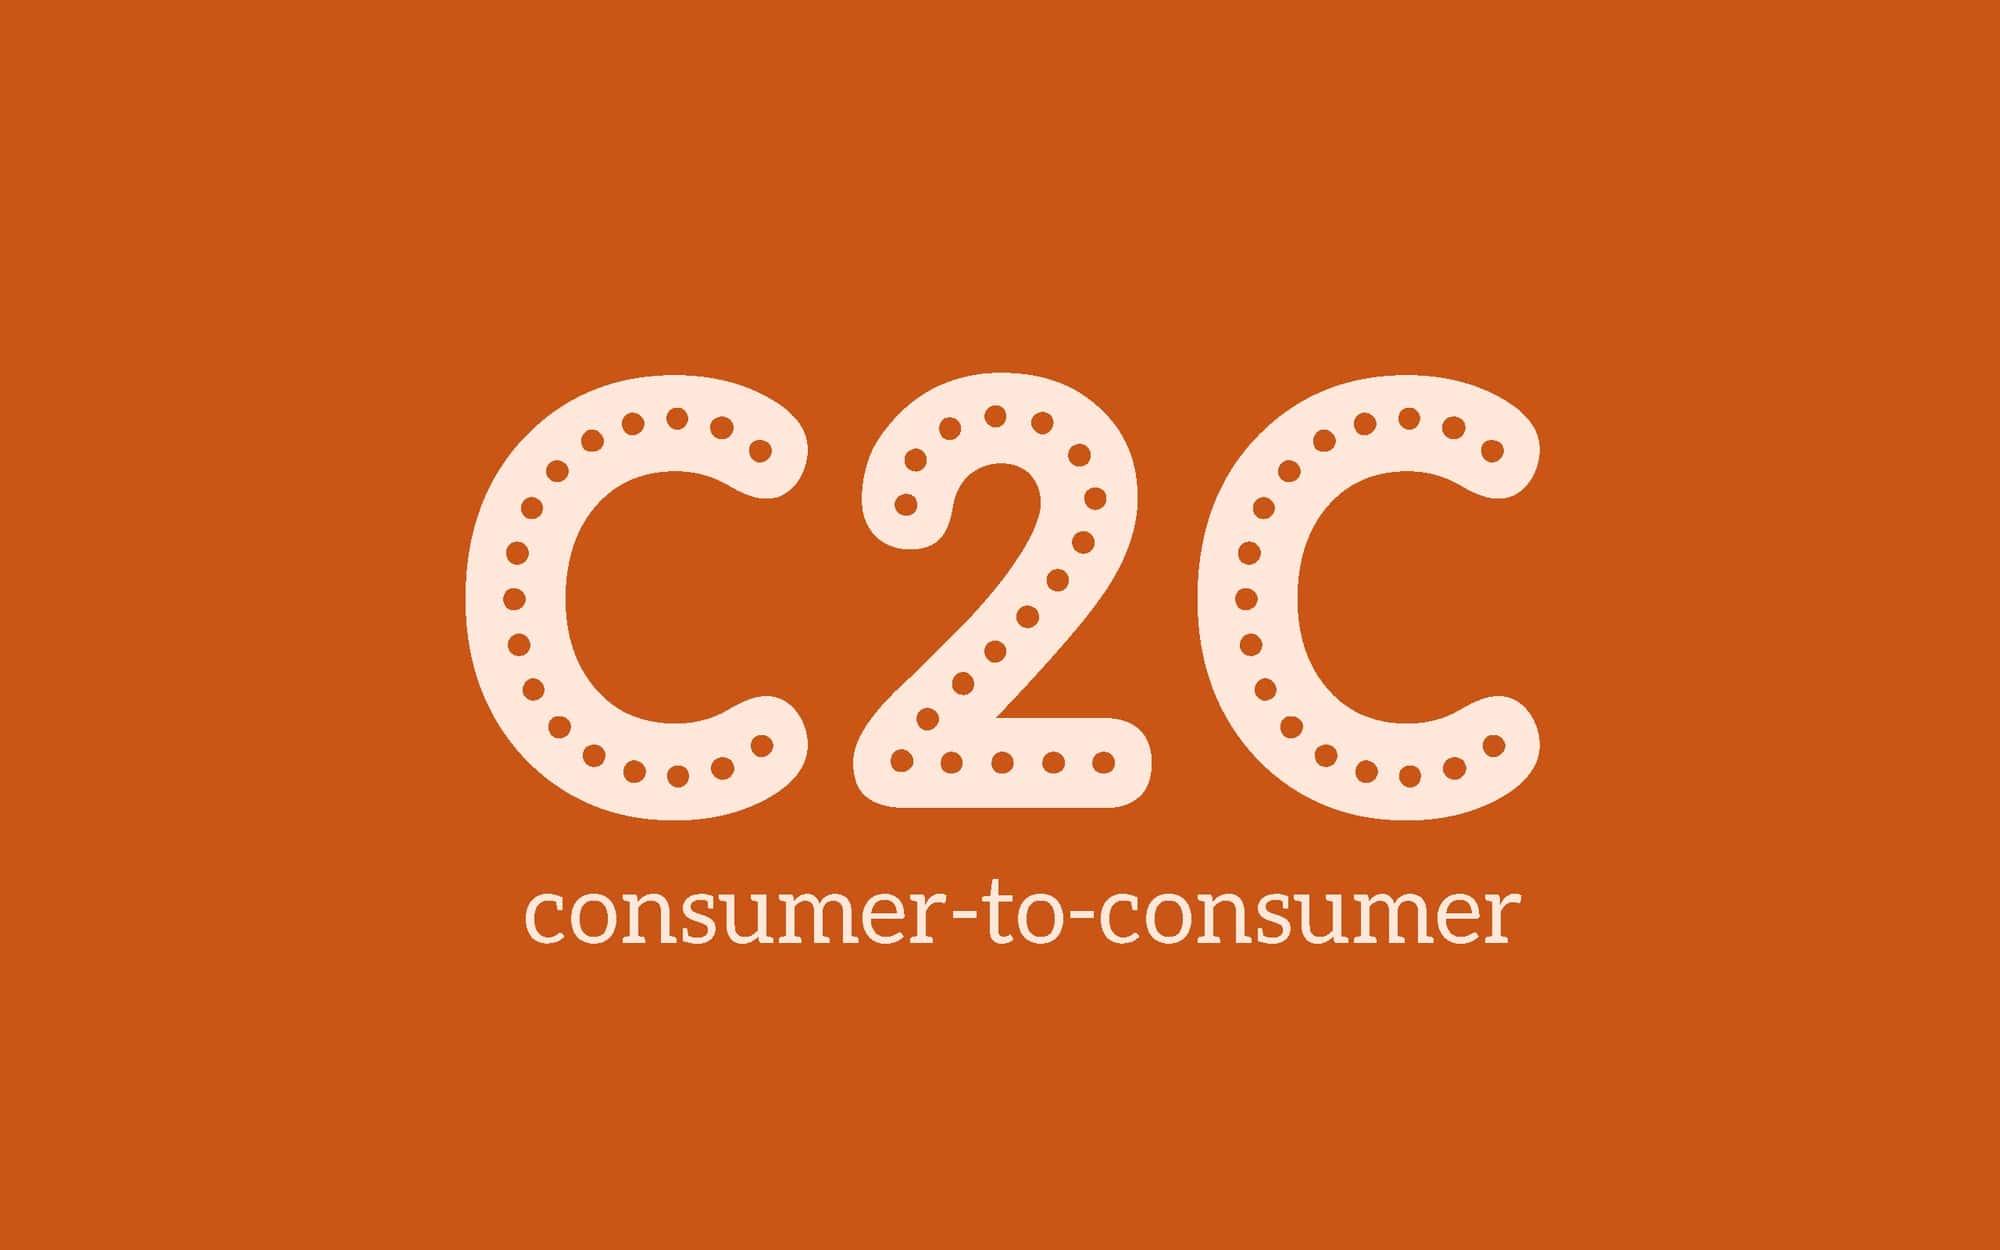 c2c là gì